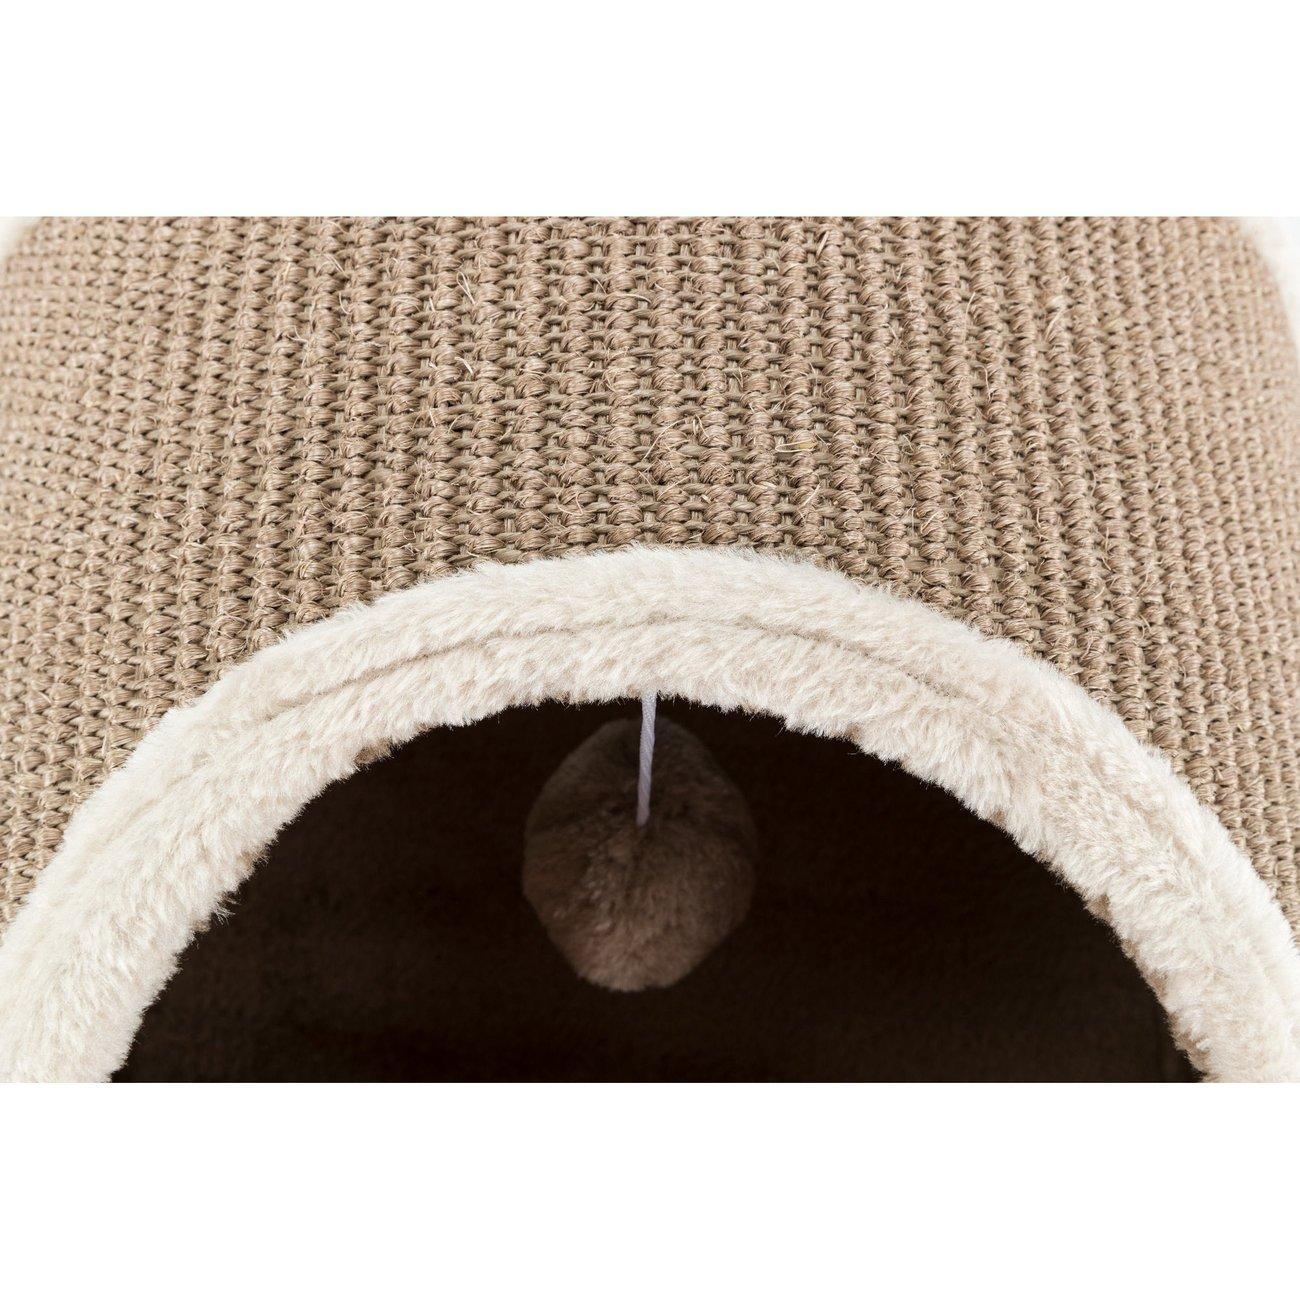 TRIXIE Kratztunnel für Katzen mit Plüsch Bezug 43004, Bild 8